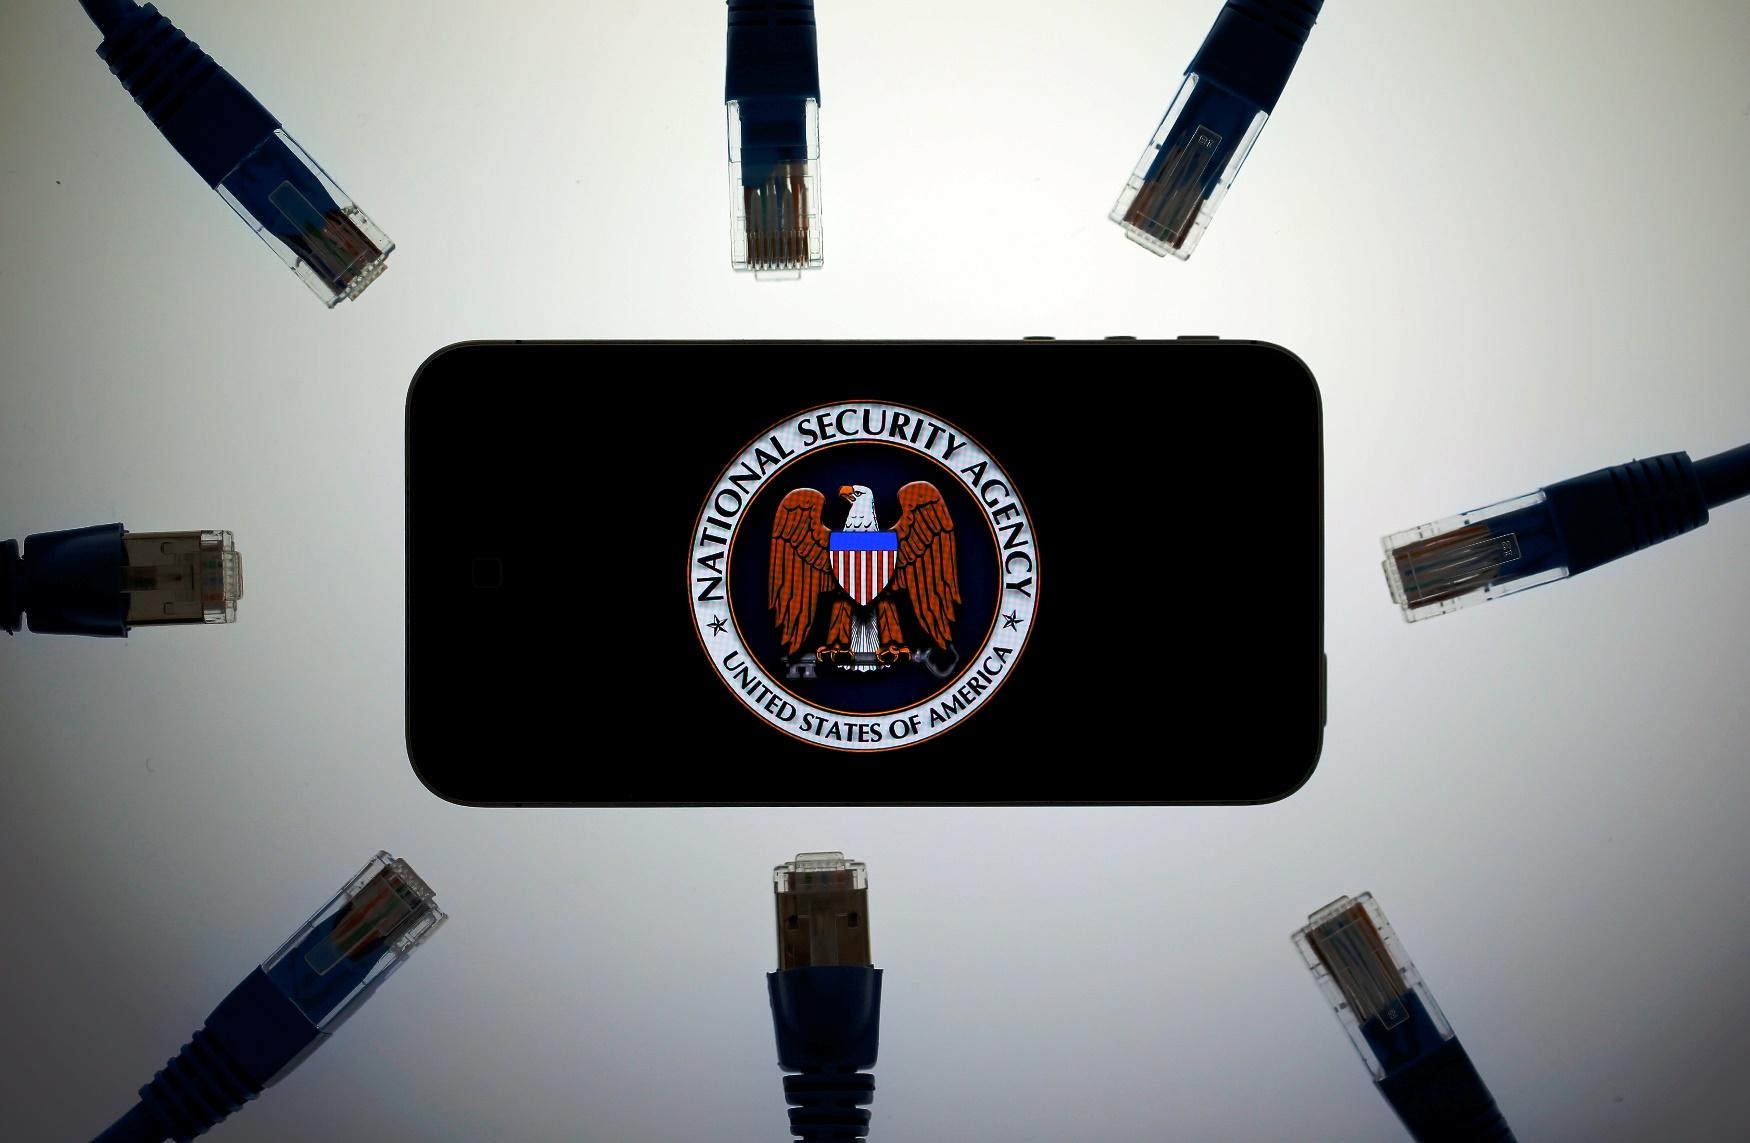 Χιλιάδες αιτήματα των ΗΠΑ στην Apple για παράδοση προσωπικών δεδομένων